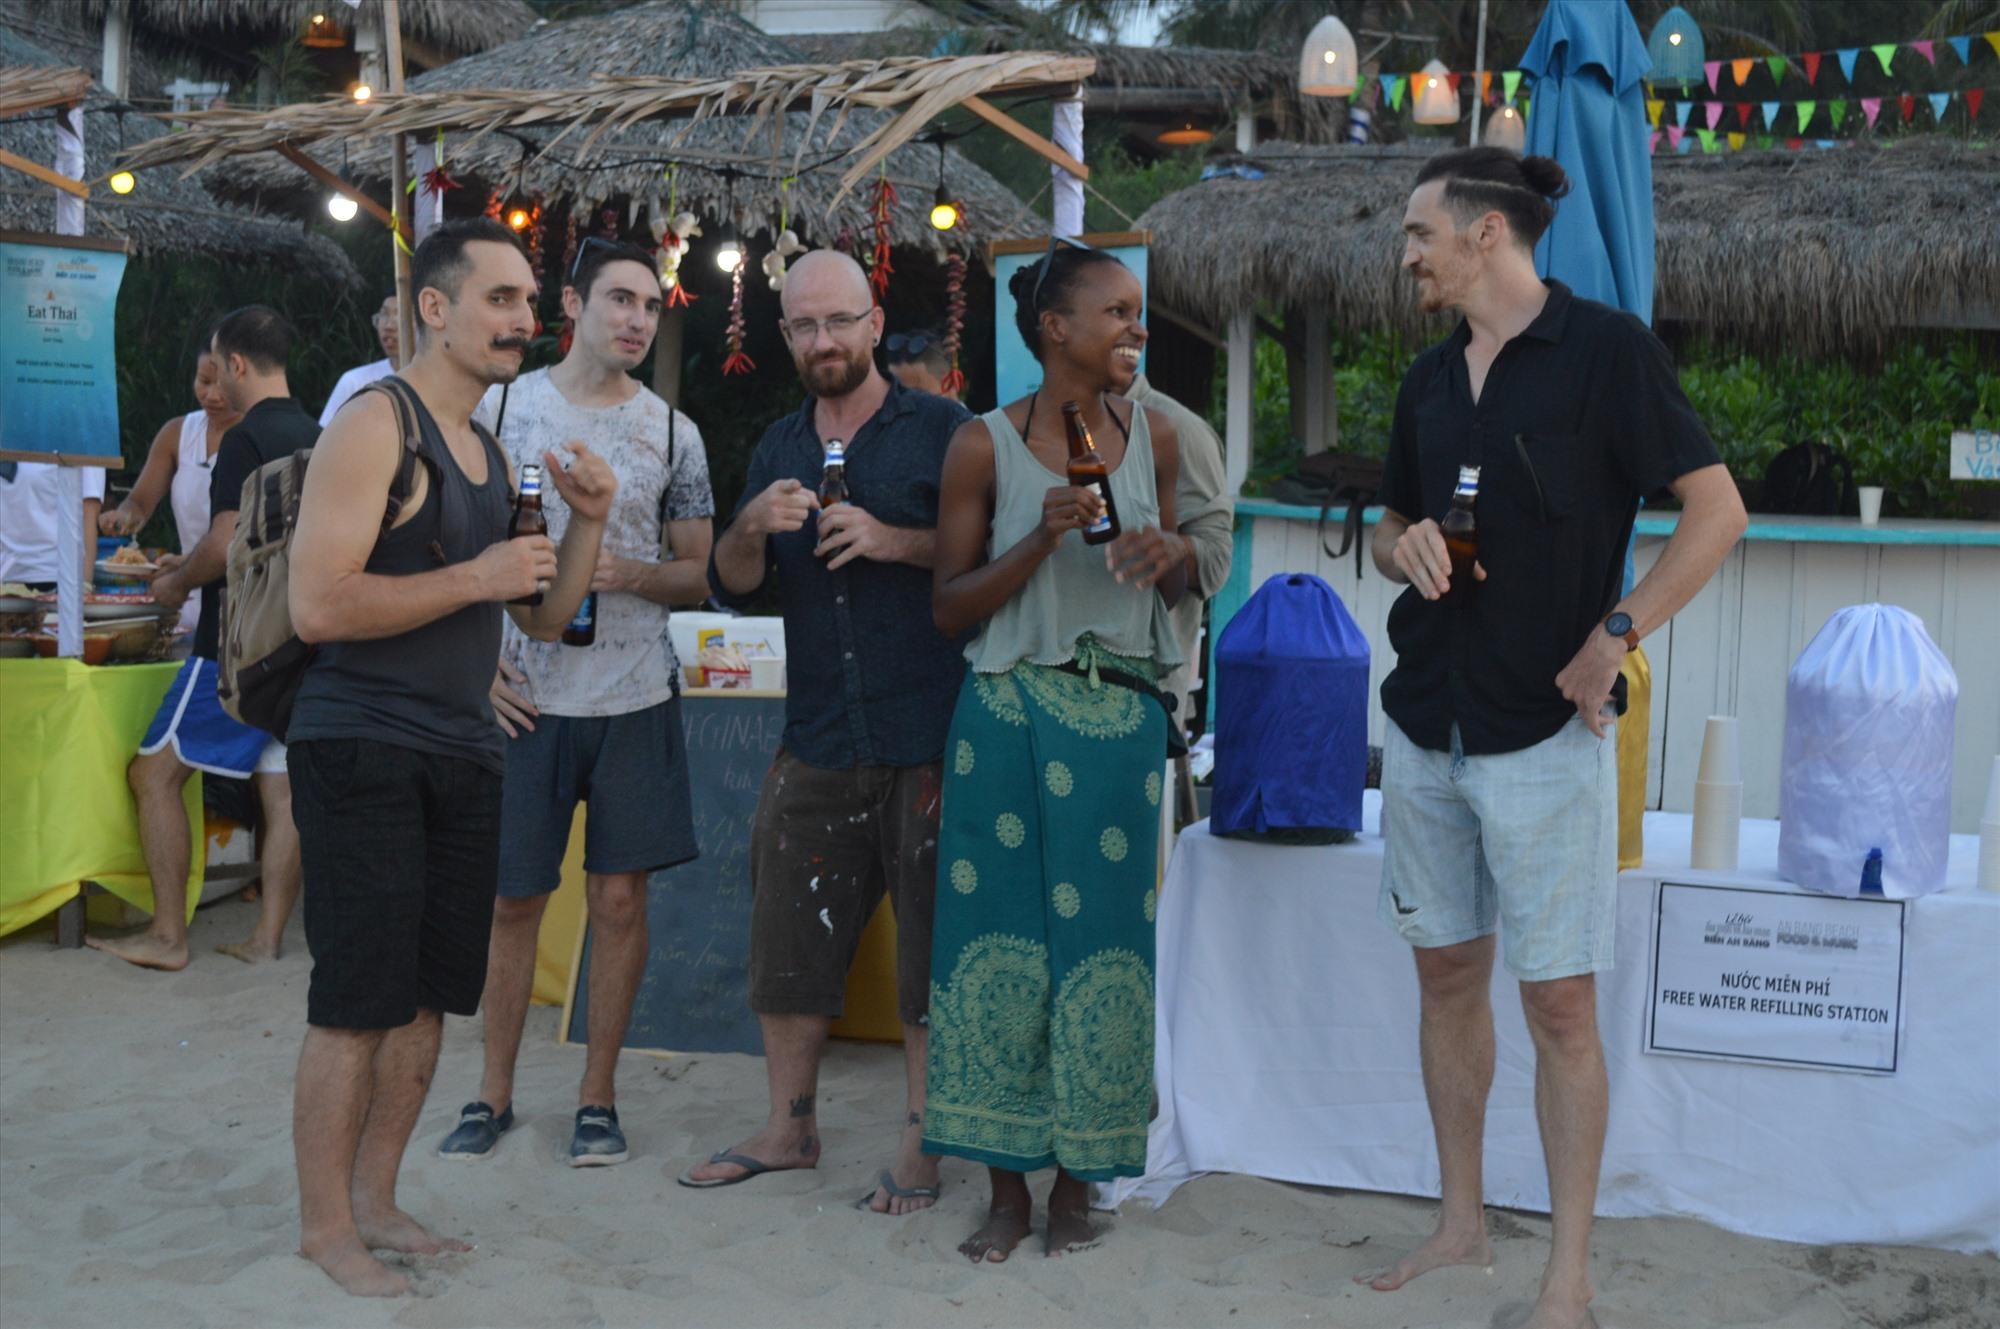 Lễ hội ẩm thực và âm nhạc biển An Bàng - một loại hình của kinh tế đêm tại Hội An. Ảnh: V.LỘC